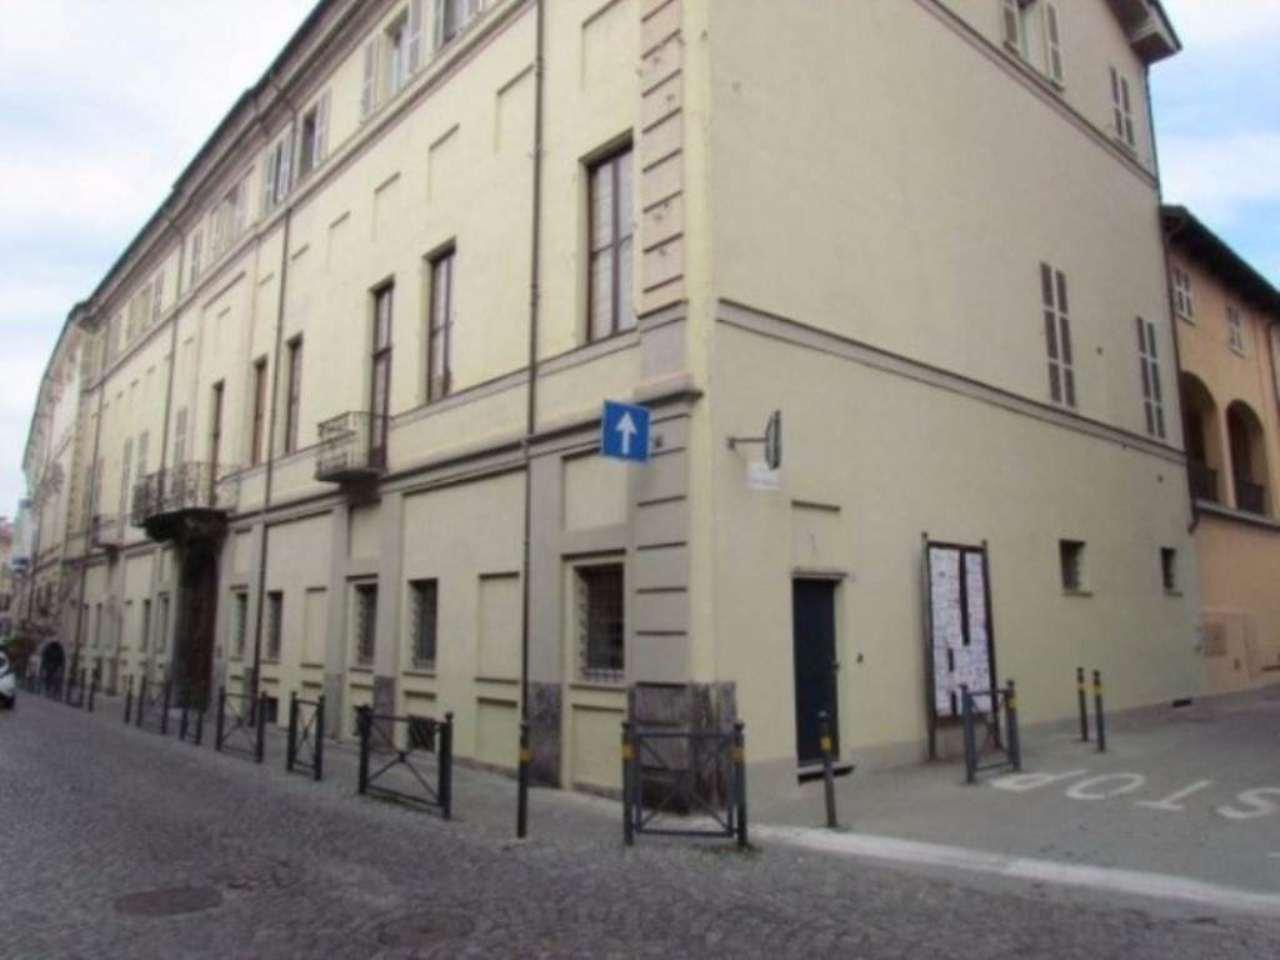 Negozio / Locale in affitto a Savigliano, 3 locali, prezzo € 700 | Cambio Casa.it